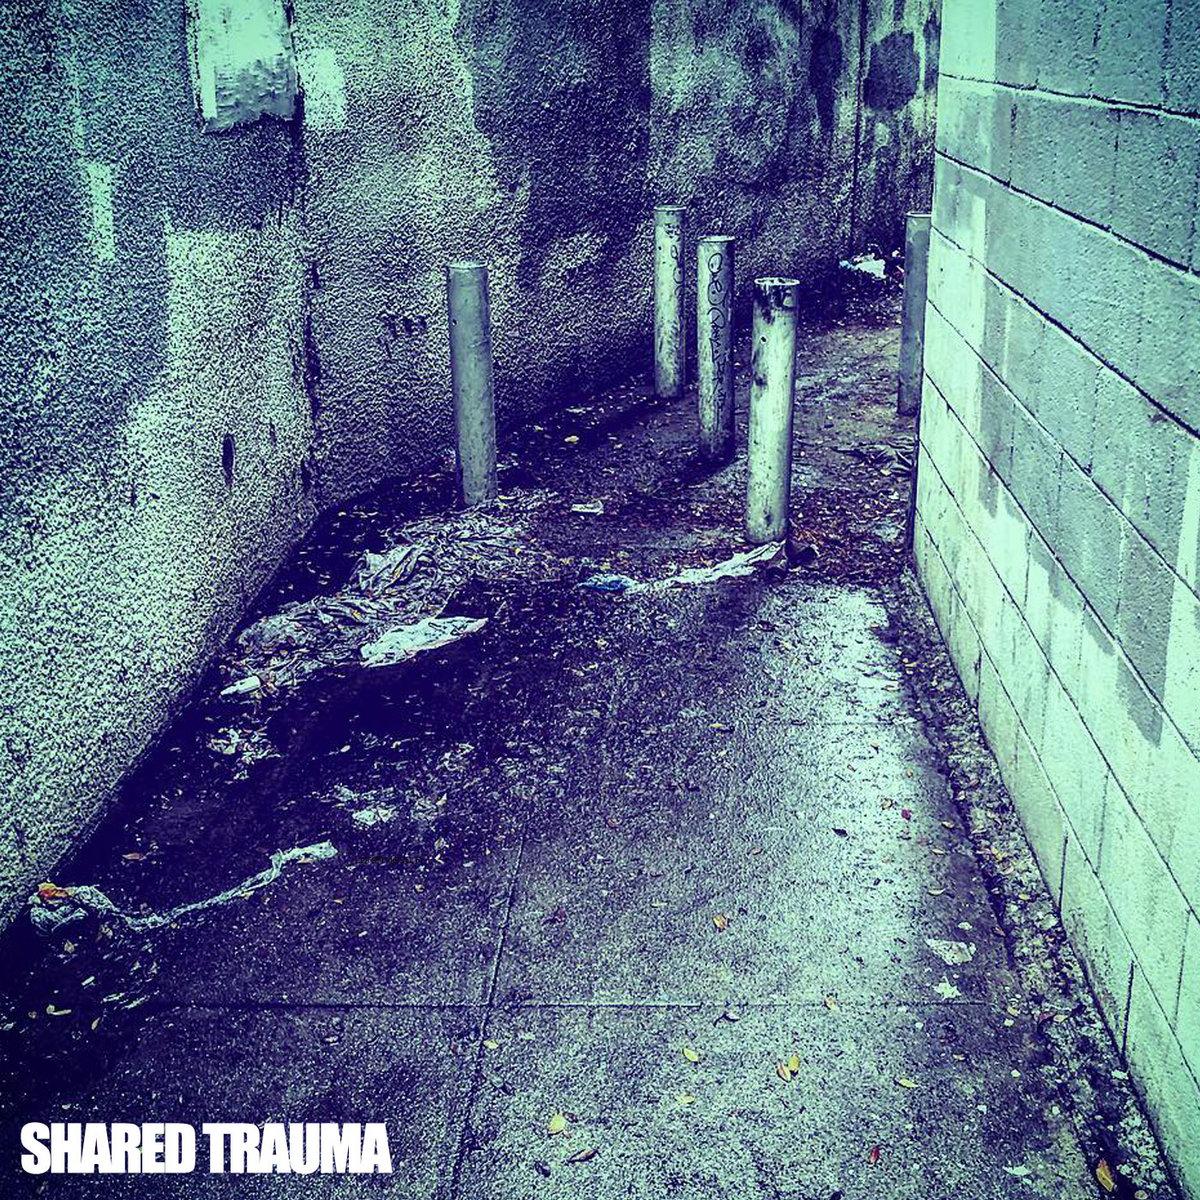 sharedtrauma.jpg